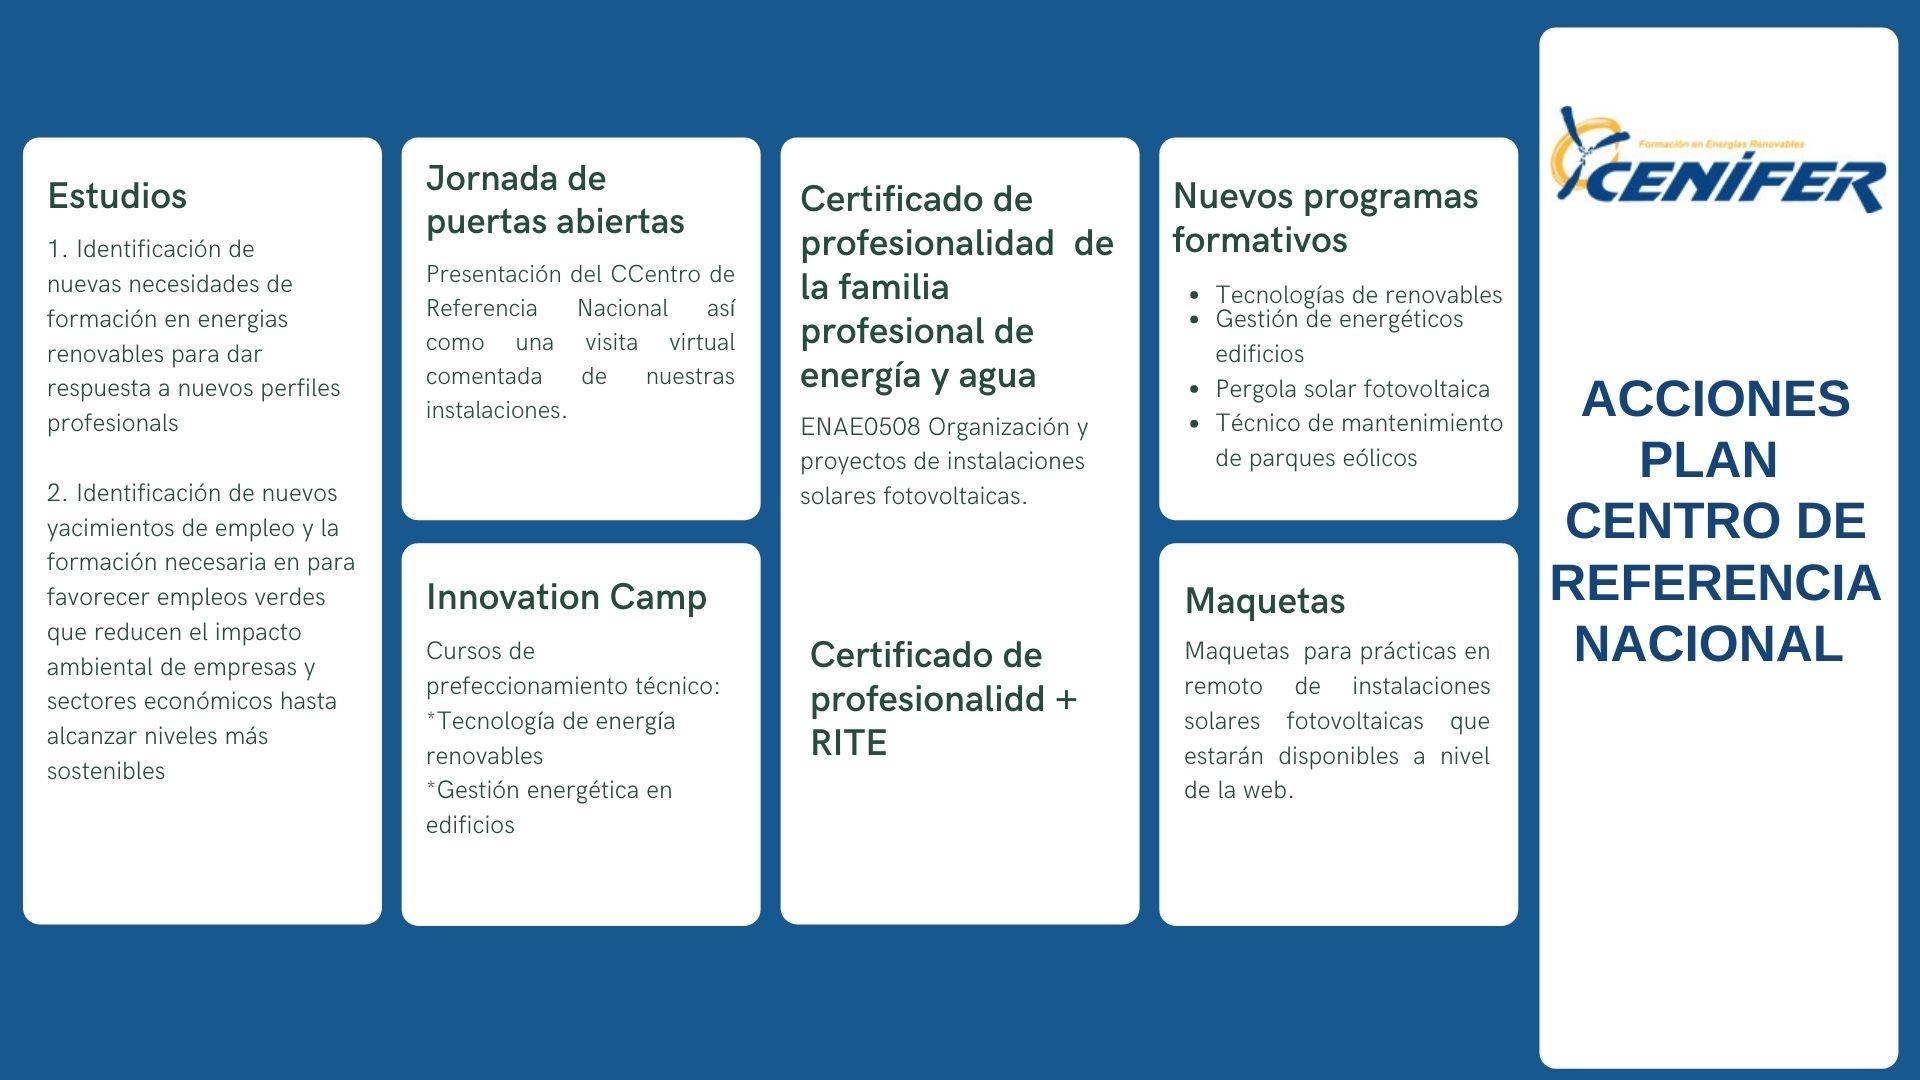 Cenifer - Acciones dentro del Plan del Centro de Referencia Nacional 2020